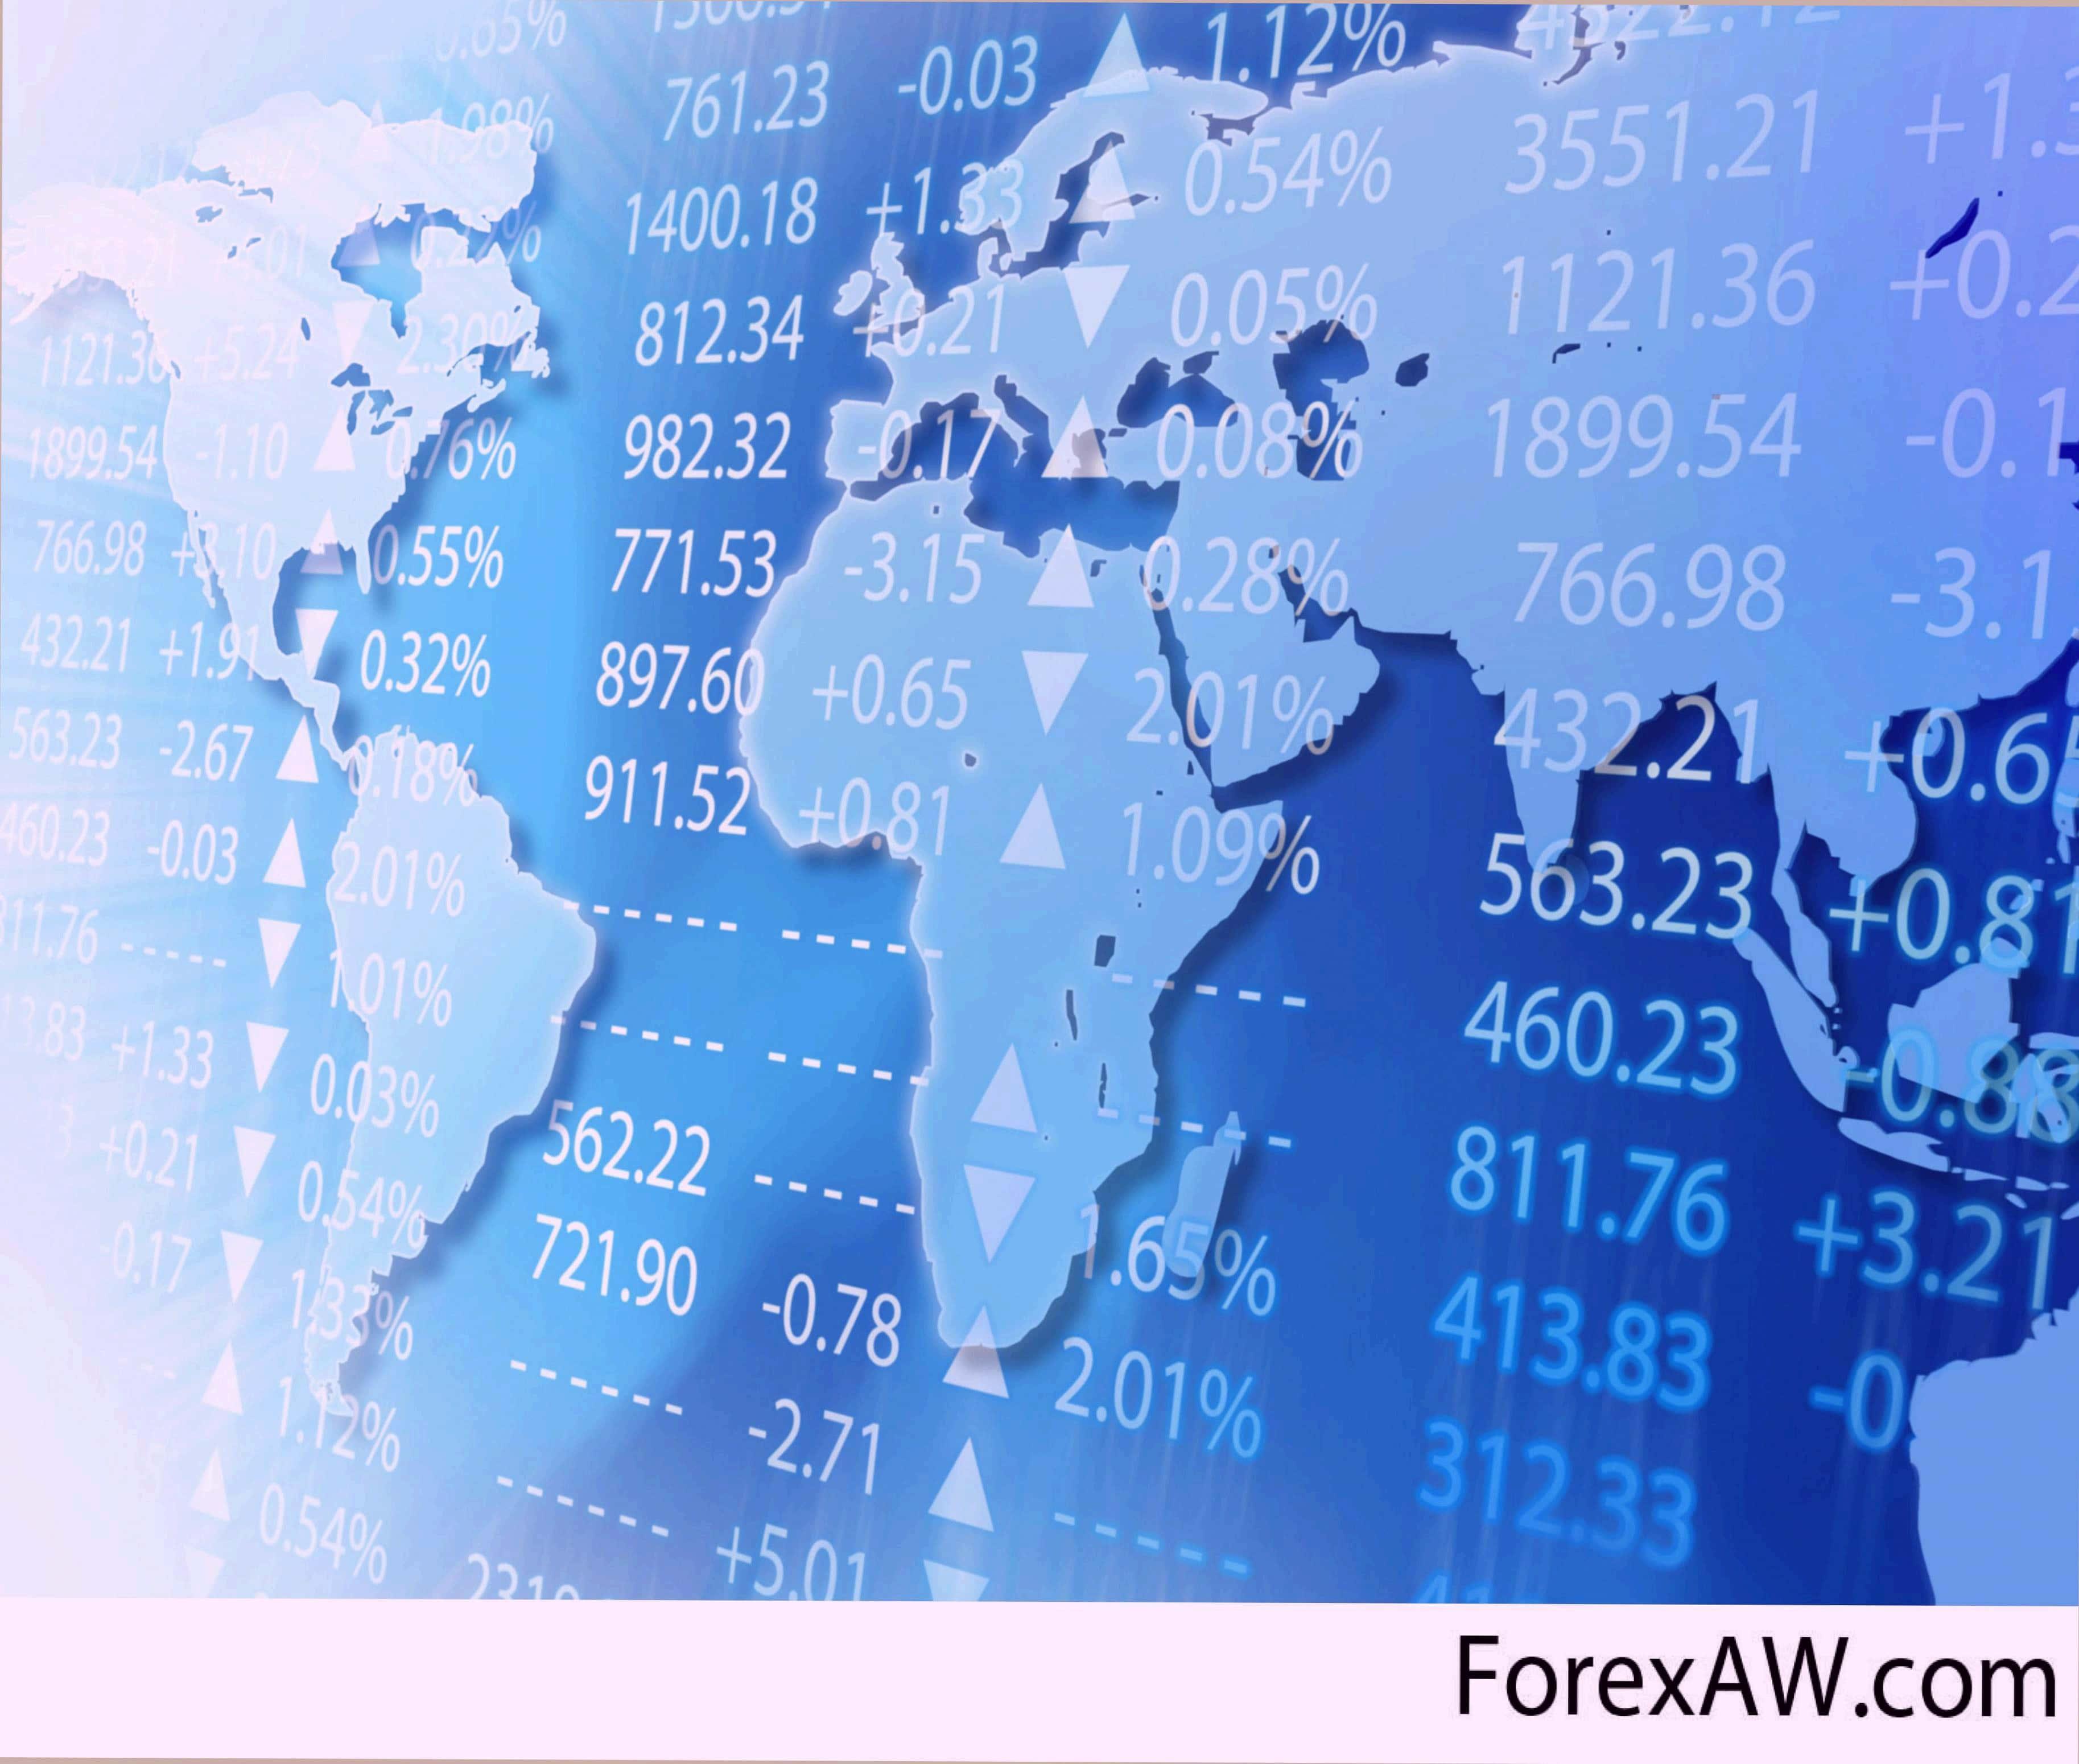 Стратегия диверсификации это снижение рисков и повышение гибкости компании